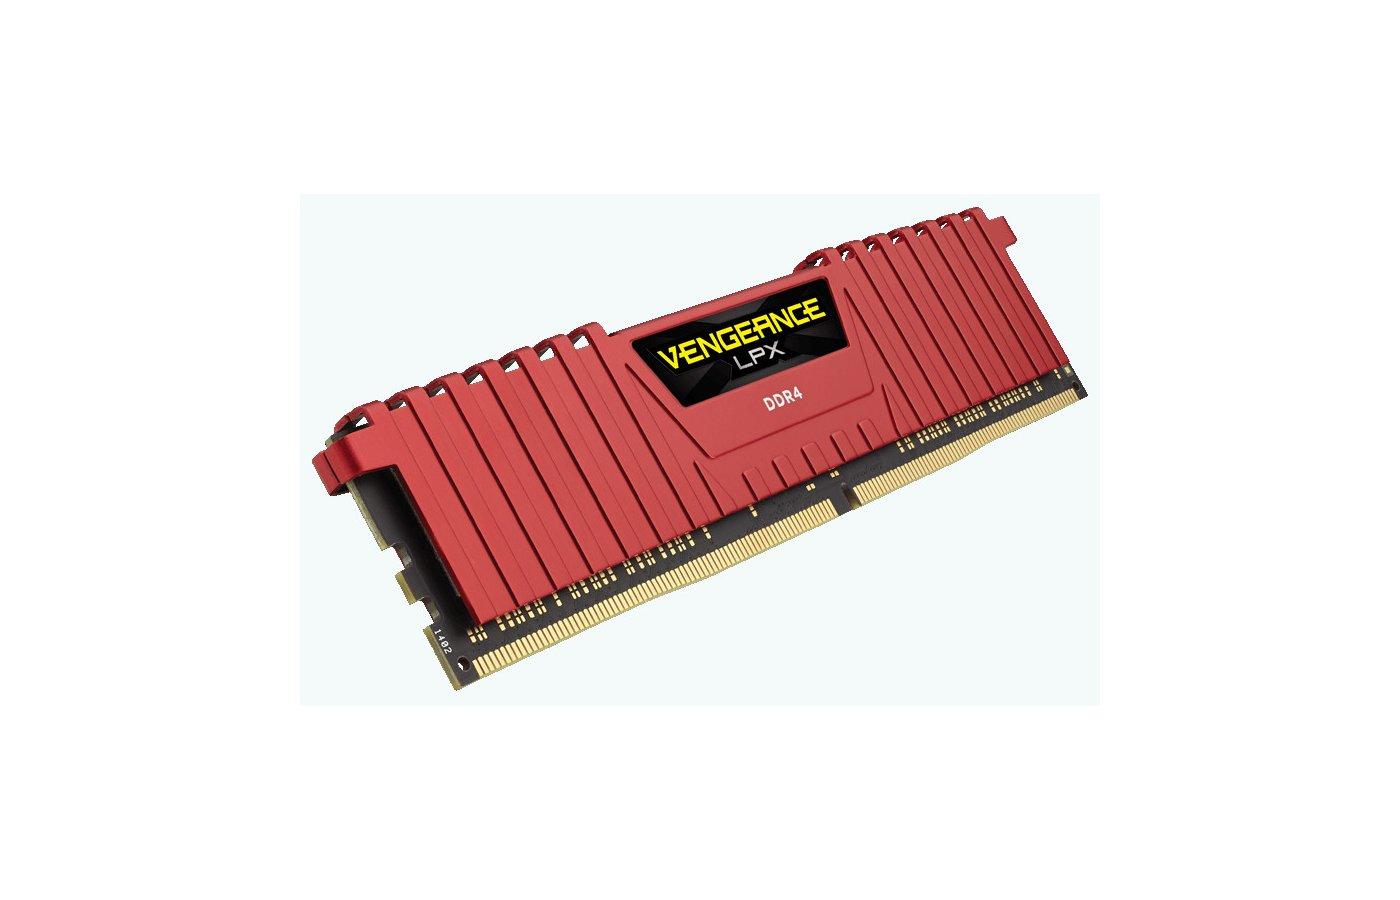 Оперативная память Corsair CMK16GX4M2A2400C14R RTL PC4-19200 DDR4 2x8Gb 2400MHz CL14 DIMM